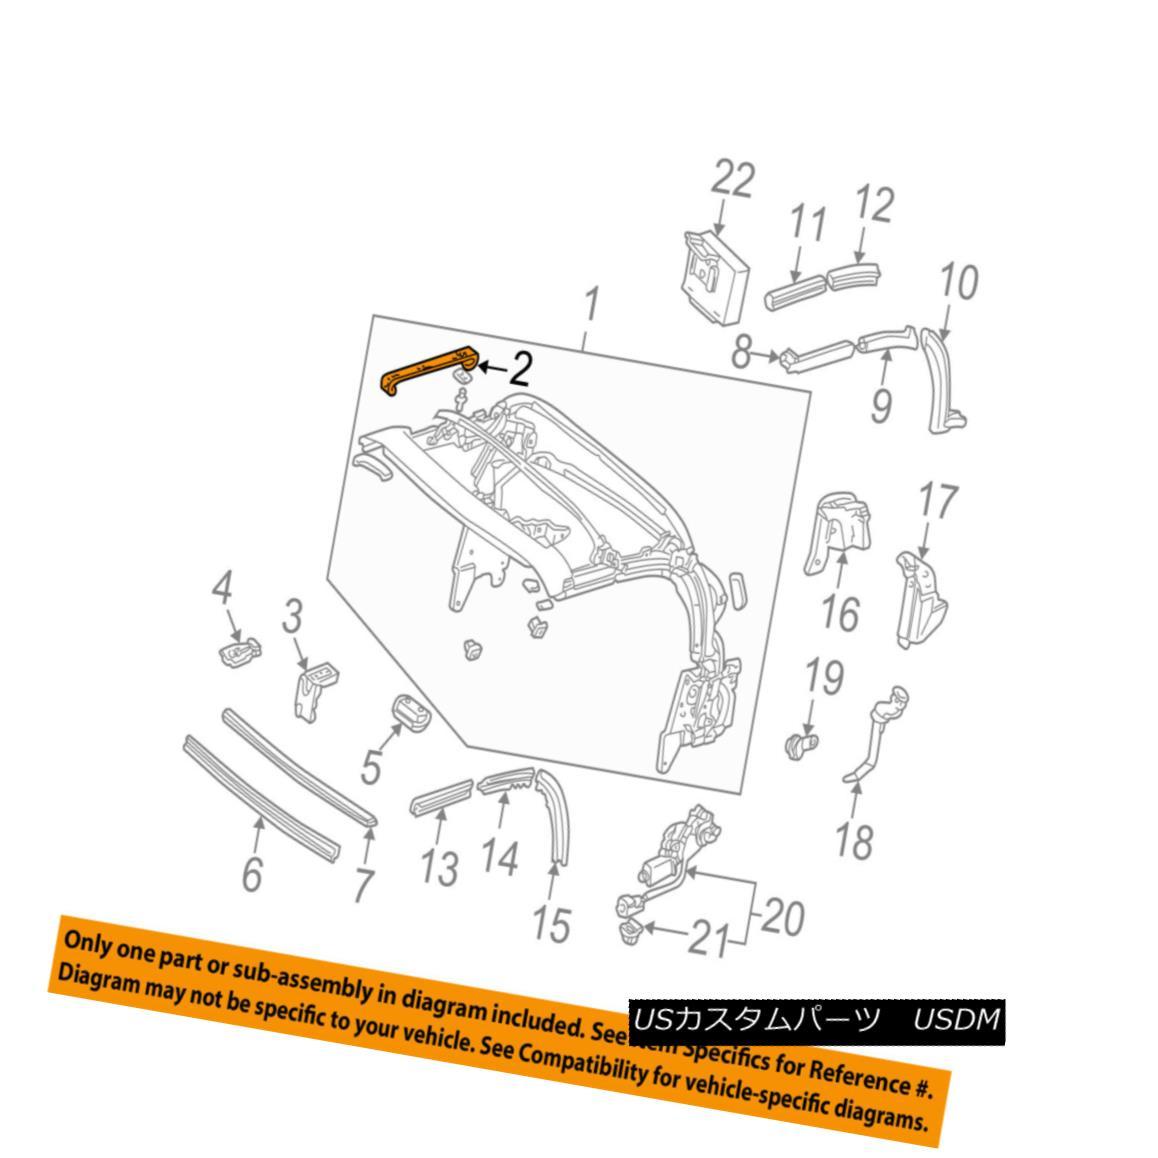 幌・ソフトトップ HONDA OEM 00-01 S2000 Convertible/soft Top-Band 86020S2A003 ホンダOEM 00-01 S2000コンバーチブル/ so ftトップバンド86020S2A003